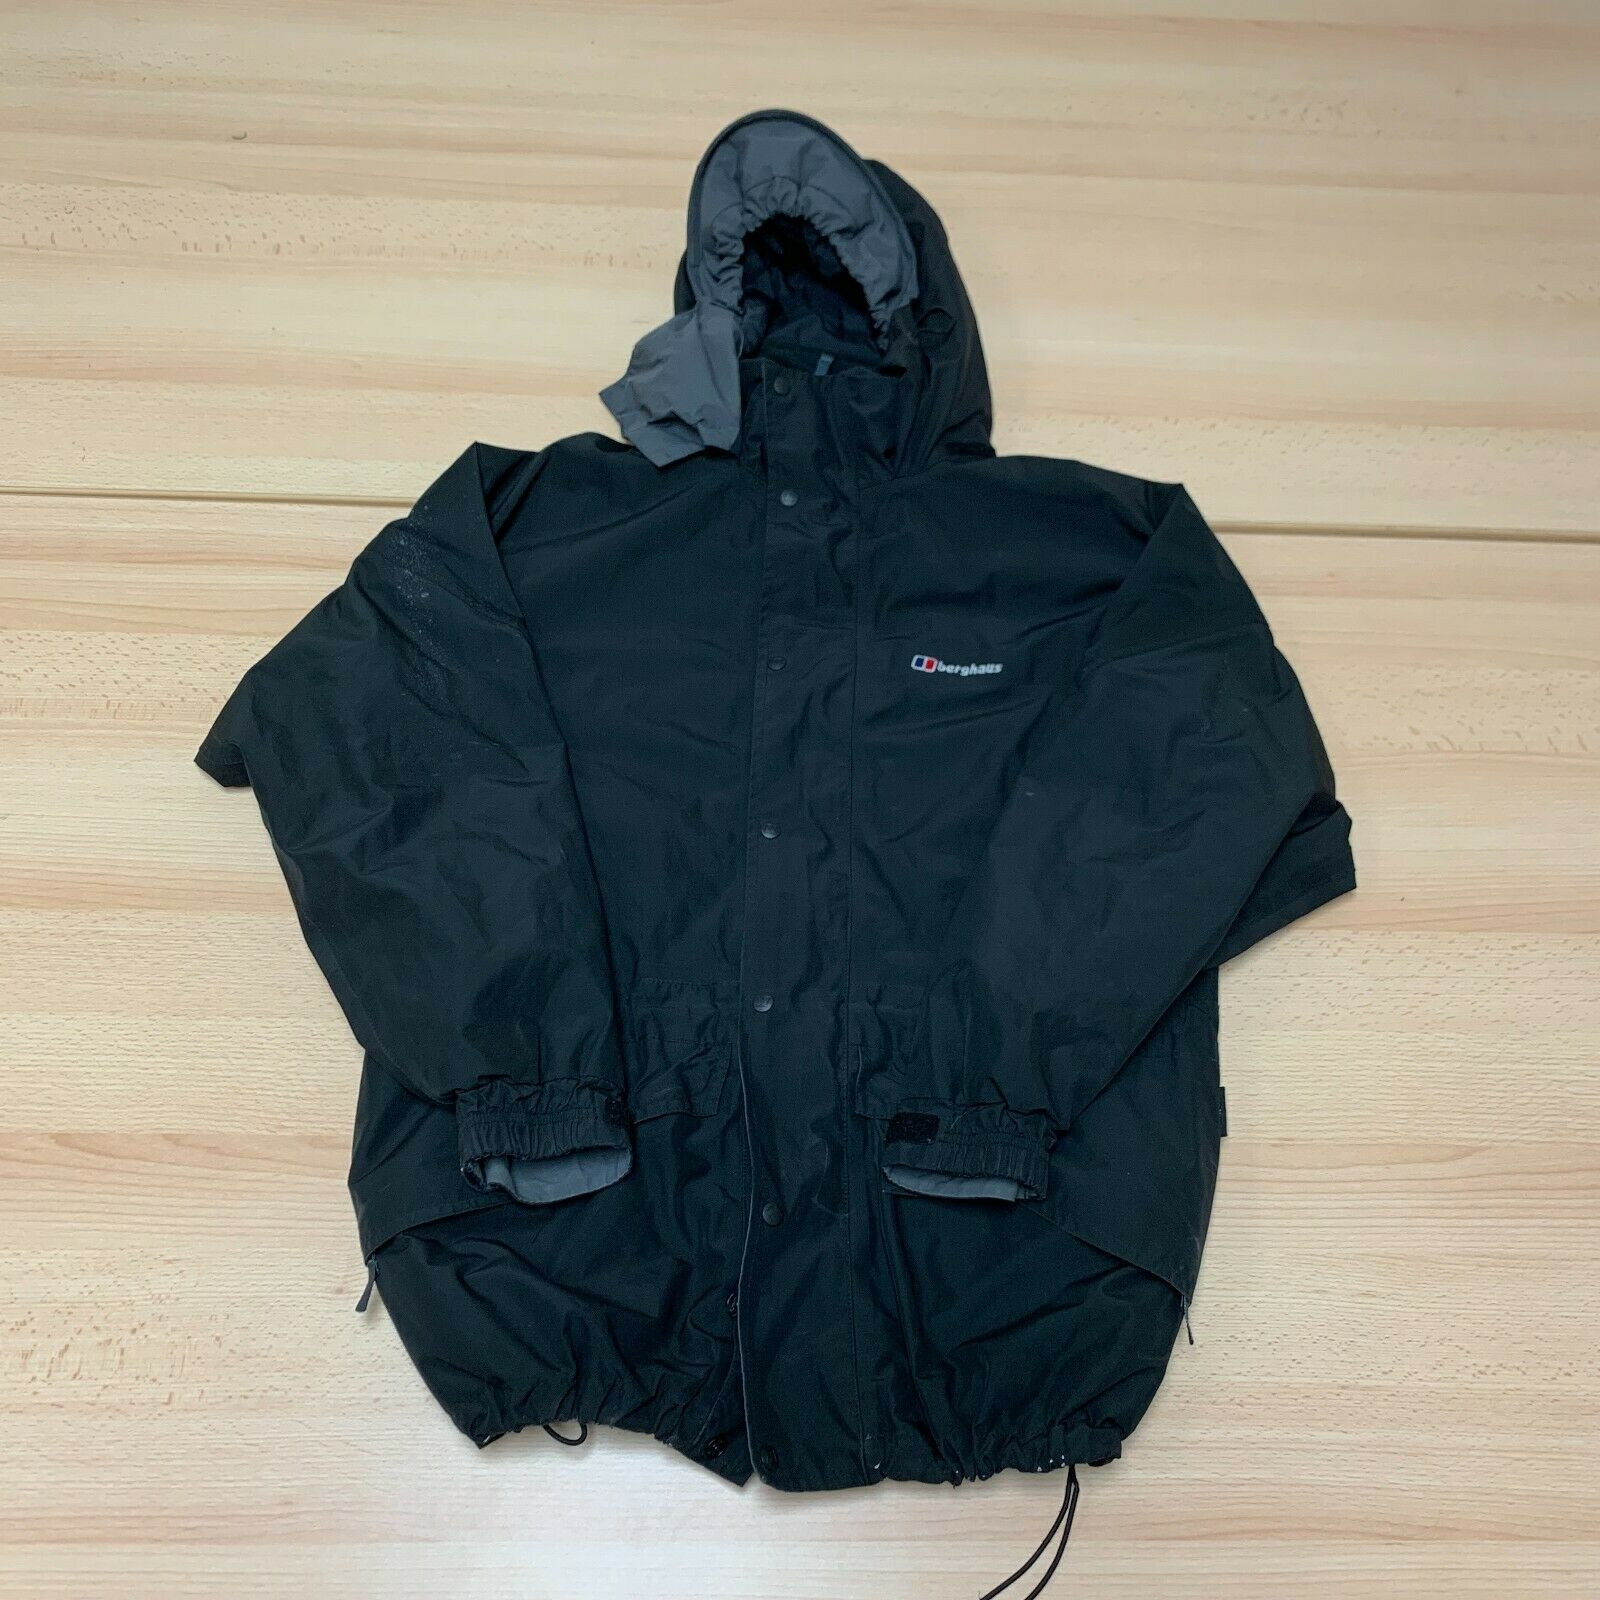 Berghaus Coat Womens Size 14 Black Waterproof GORE-TEX Full Zip Hooded Jacket